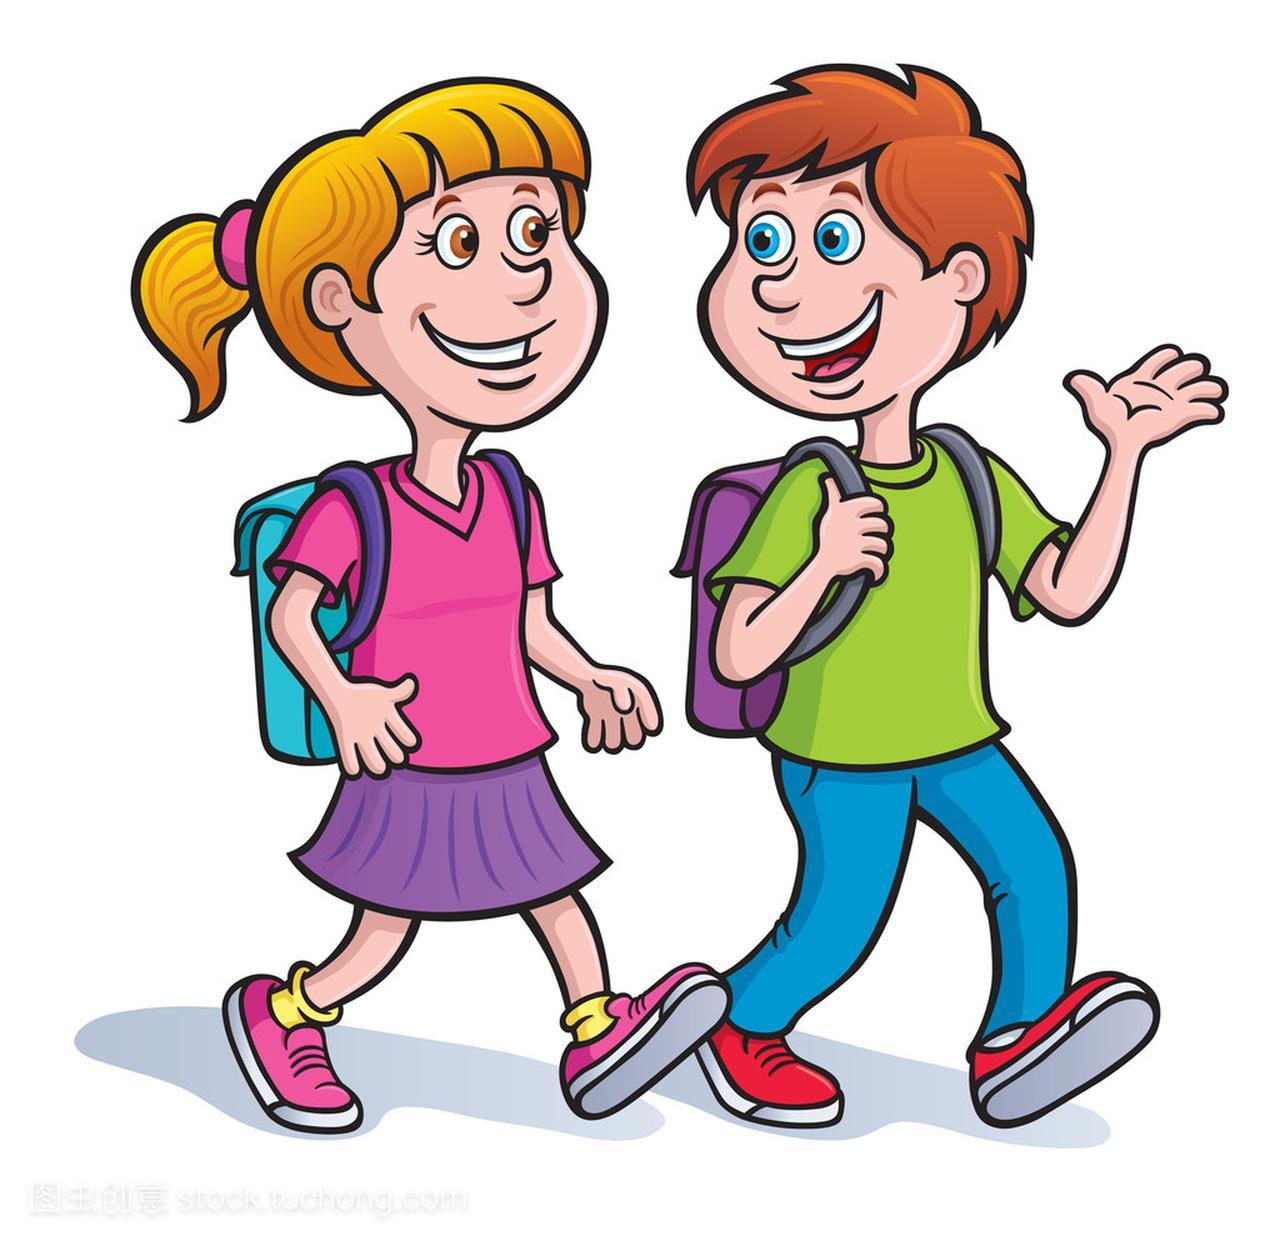 裙子和动漫说话和走路与上头女孩像女生男孩背包图片